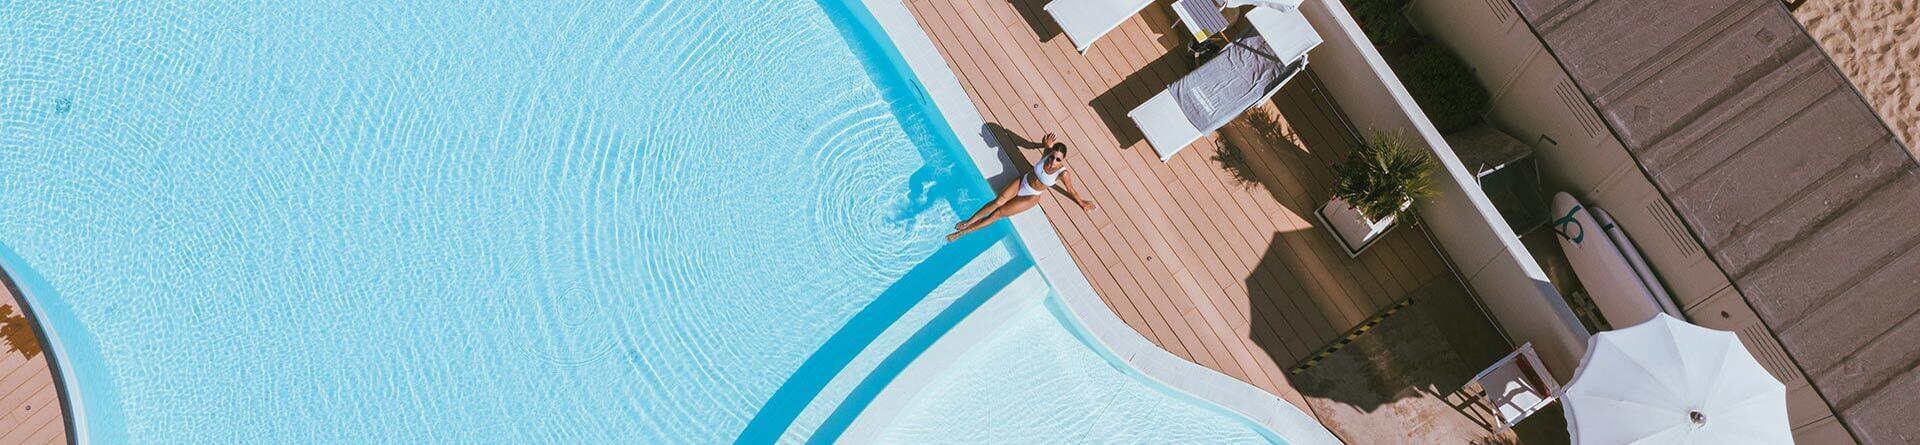 hotelnautiluspesaro it hotel-con-piscina-pesaro 009